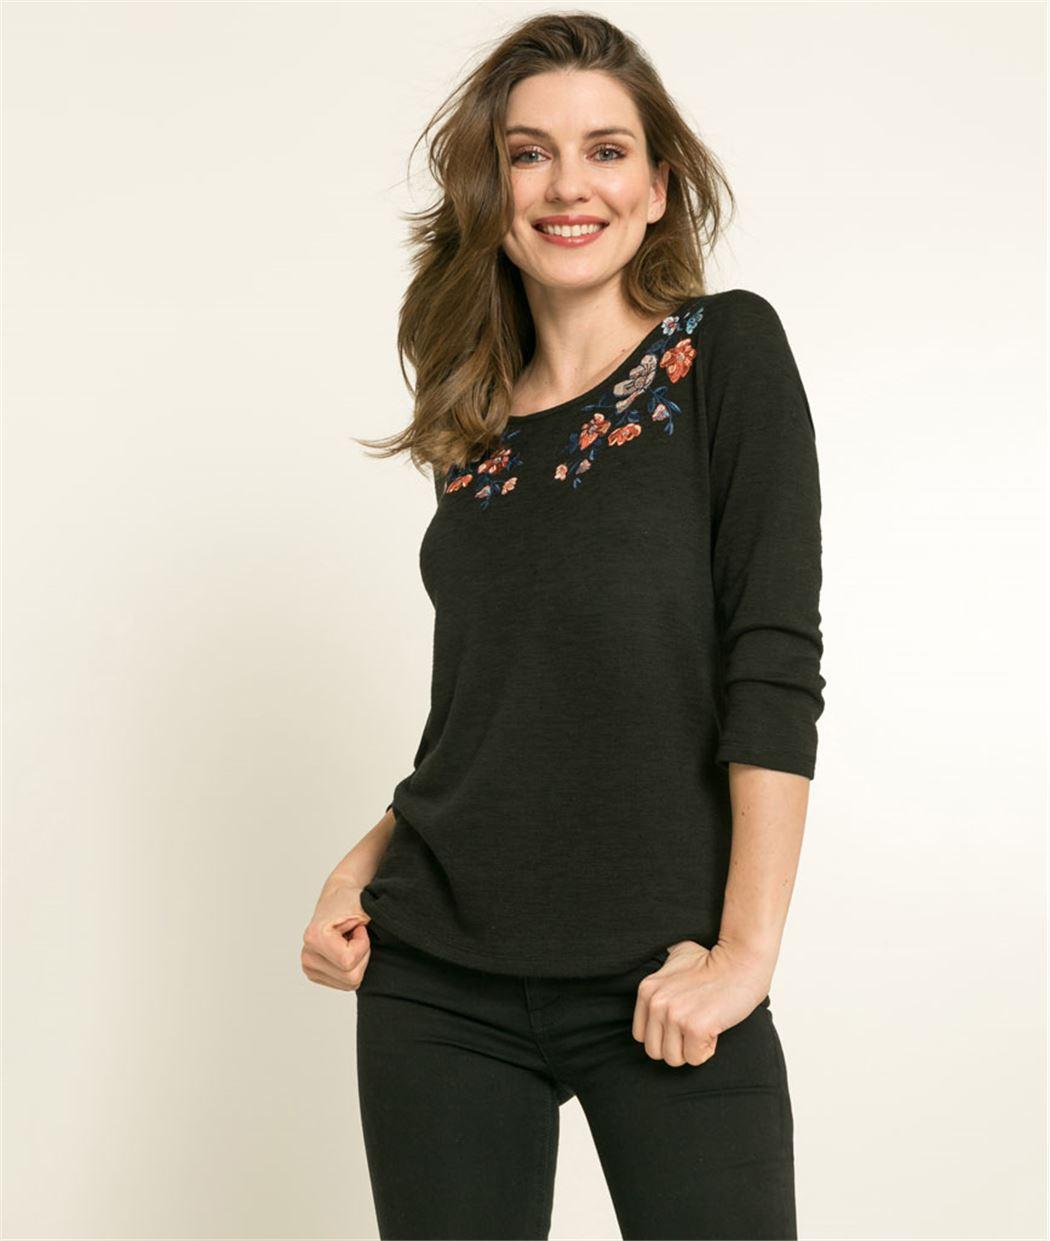 T-shirt femme broderie fleurs NOIR